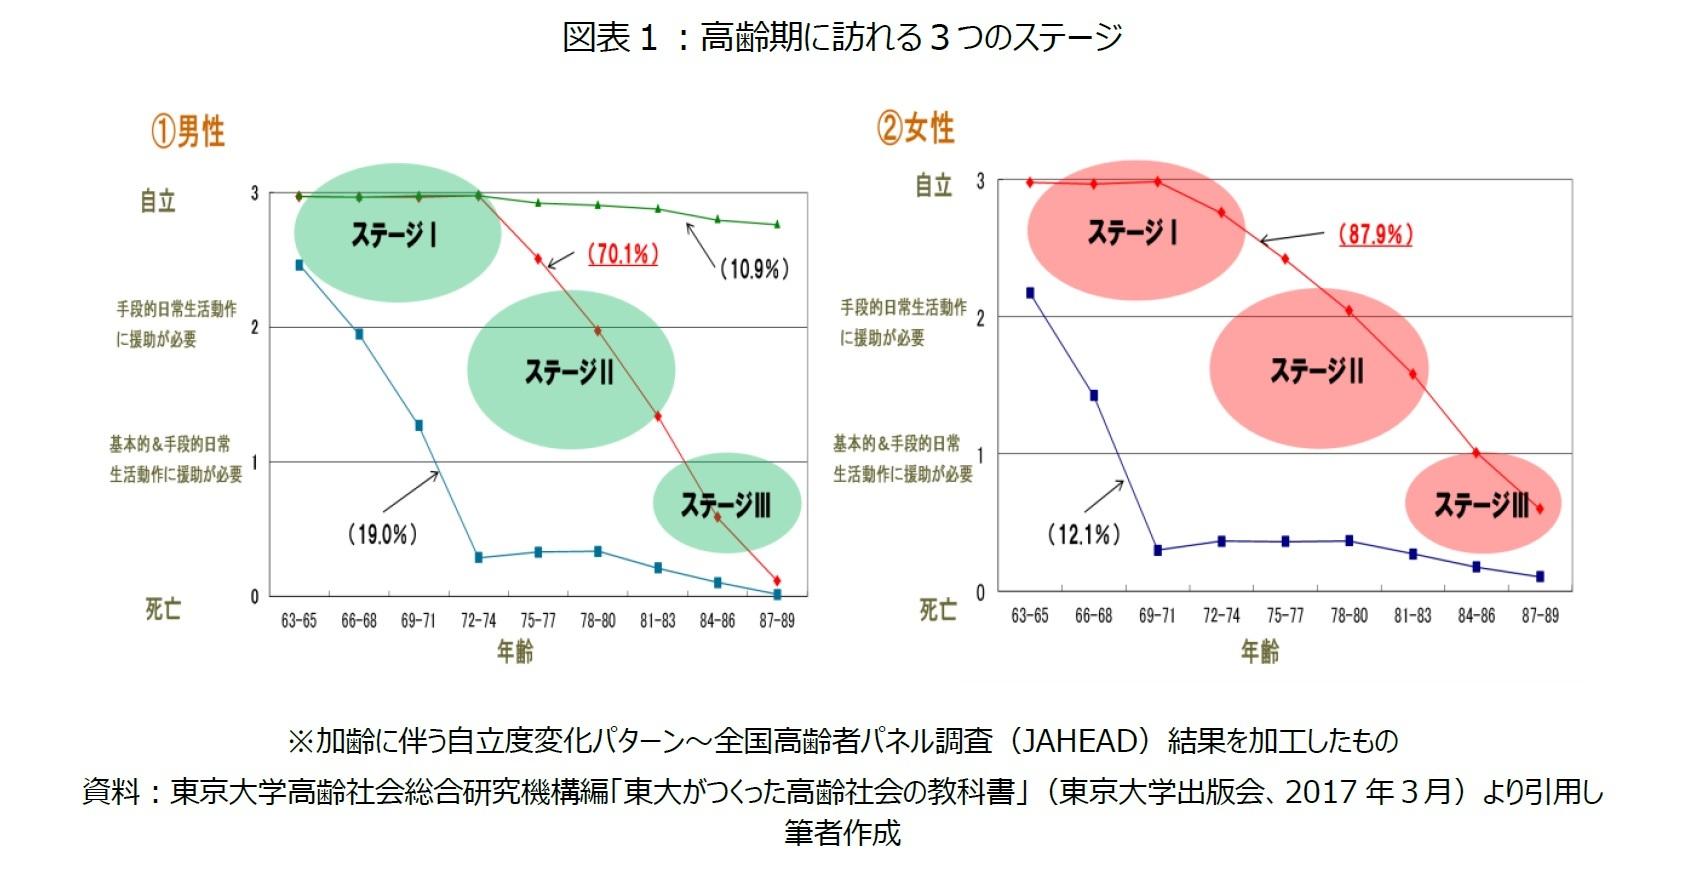 図表1:高齢期に訪れる3つのステージ